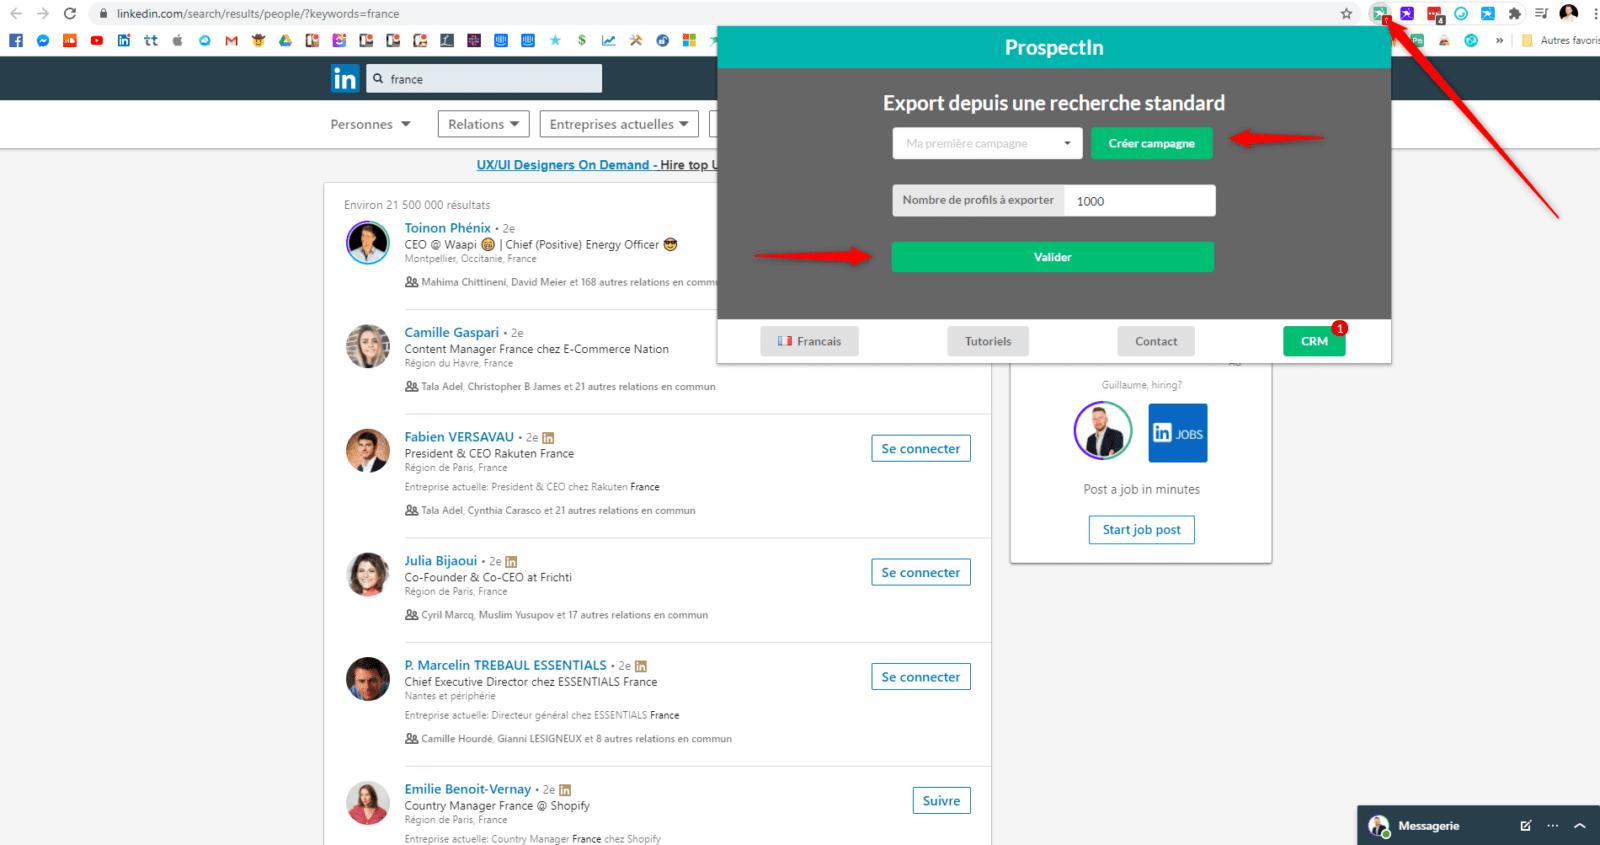 Exporter des prospects depuis LinkedIn